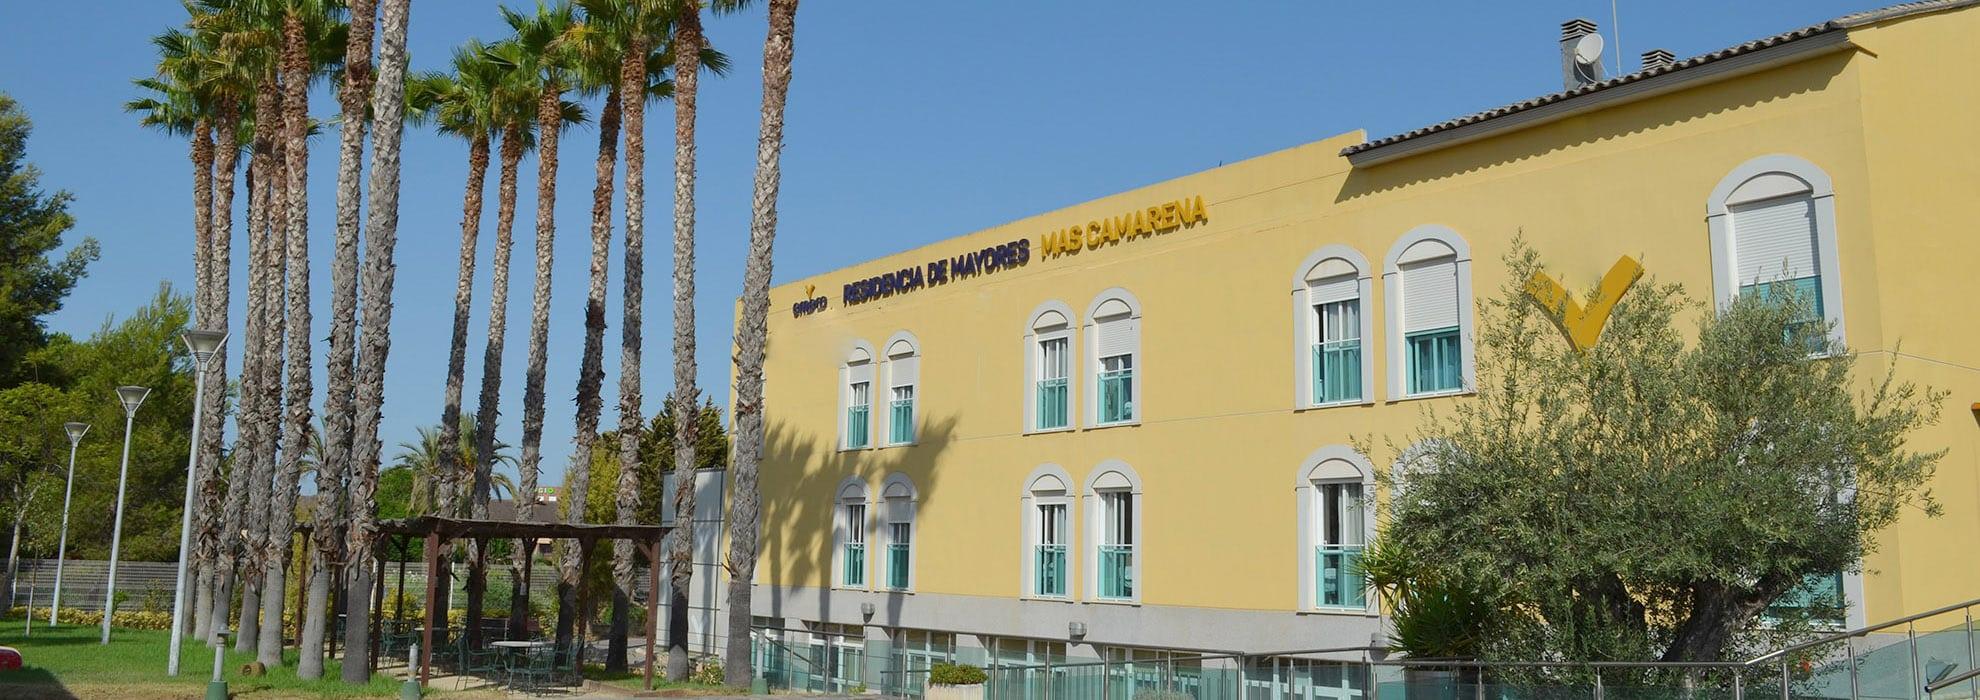 Residencia-para-personas-mayores-Valencia-Emera-Mas-Camarena